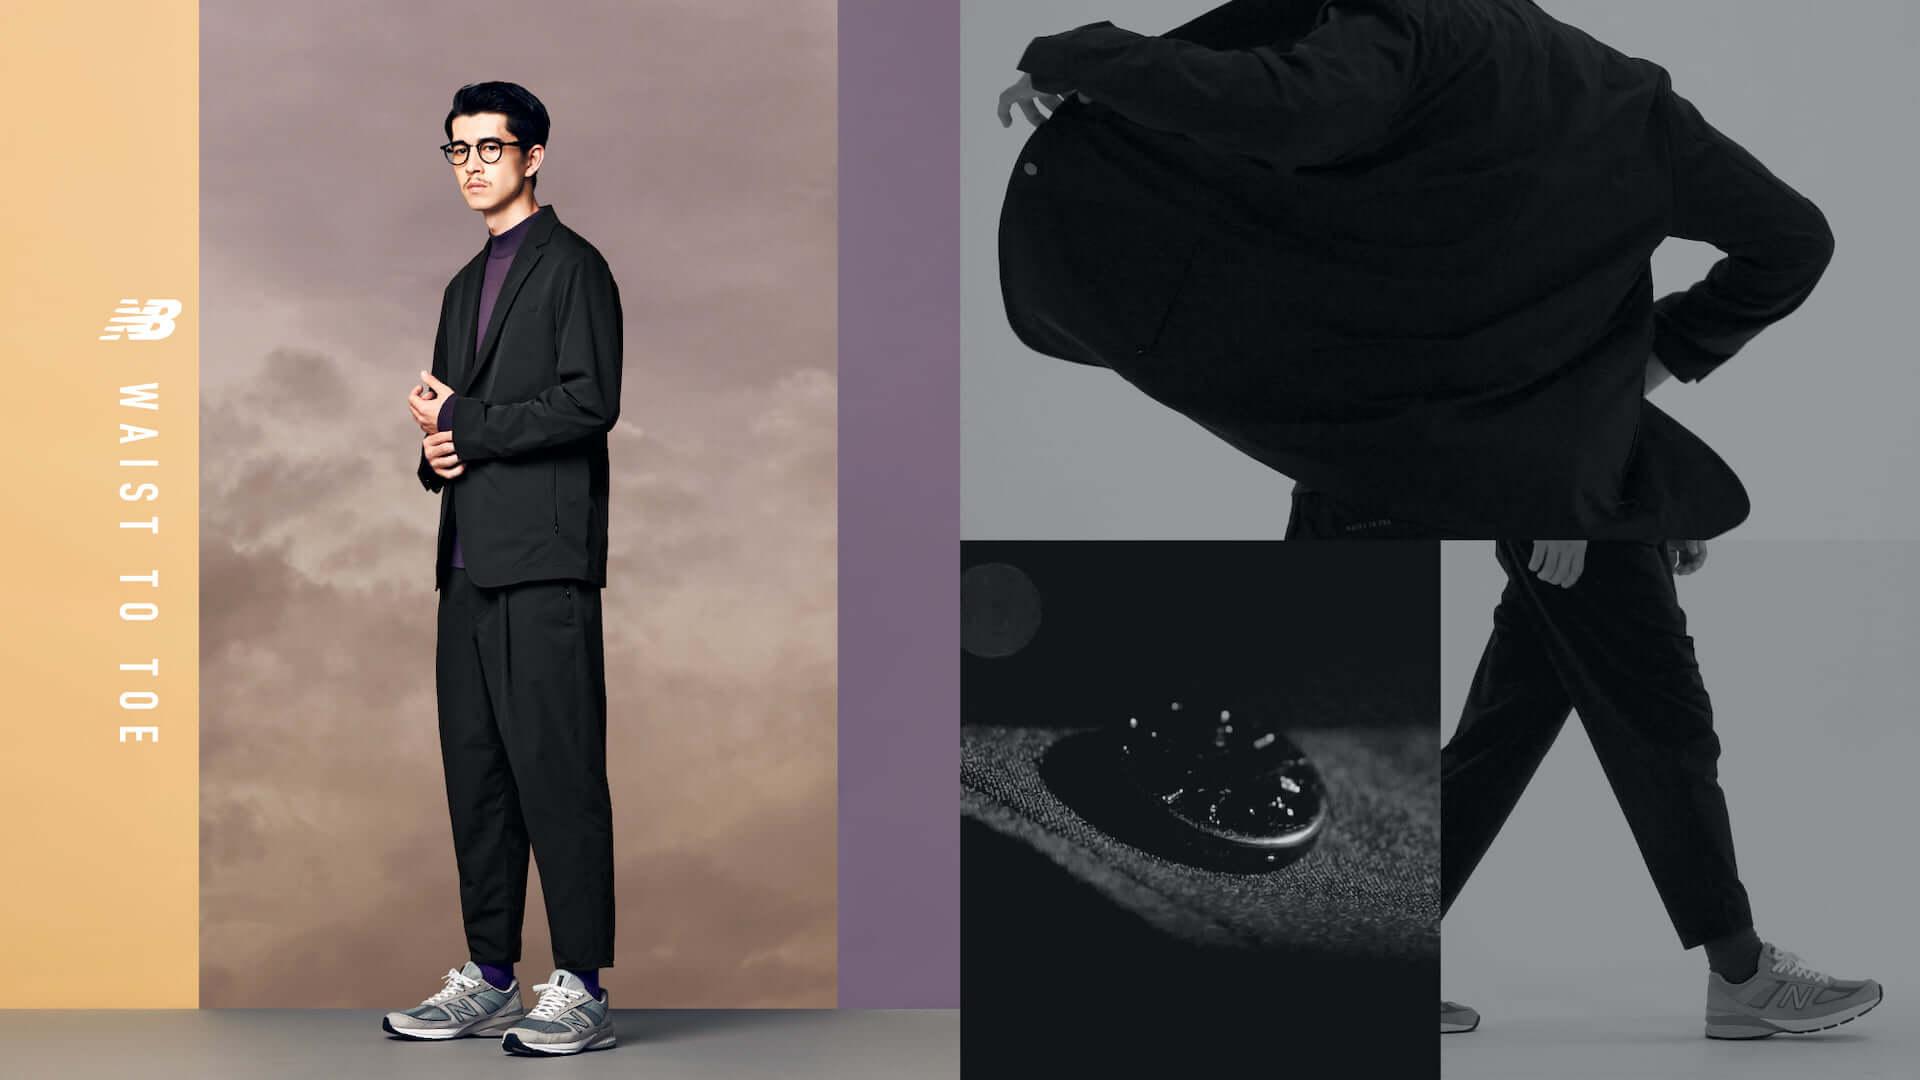 ニューバランスのパンツコレクション「WAIST TO TOE」にセットアップジャケット5型が登場!組み合わせは全25通り lf200910_newbalance_10-1920x1080